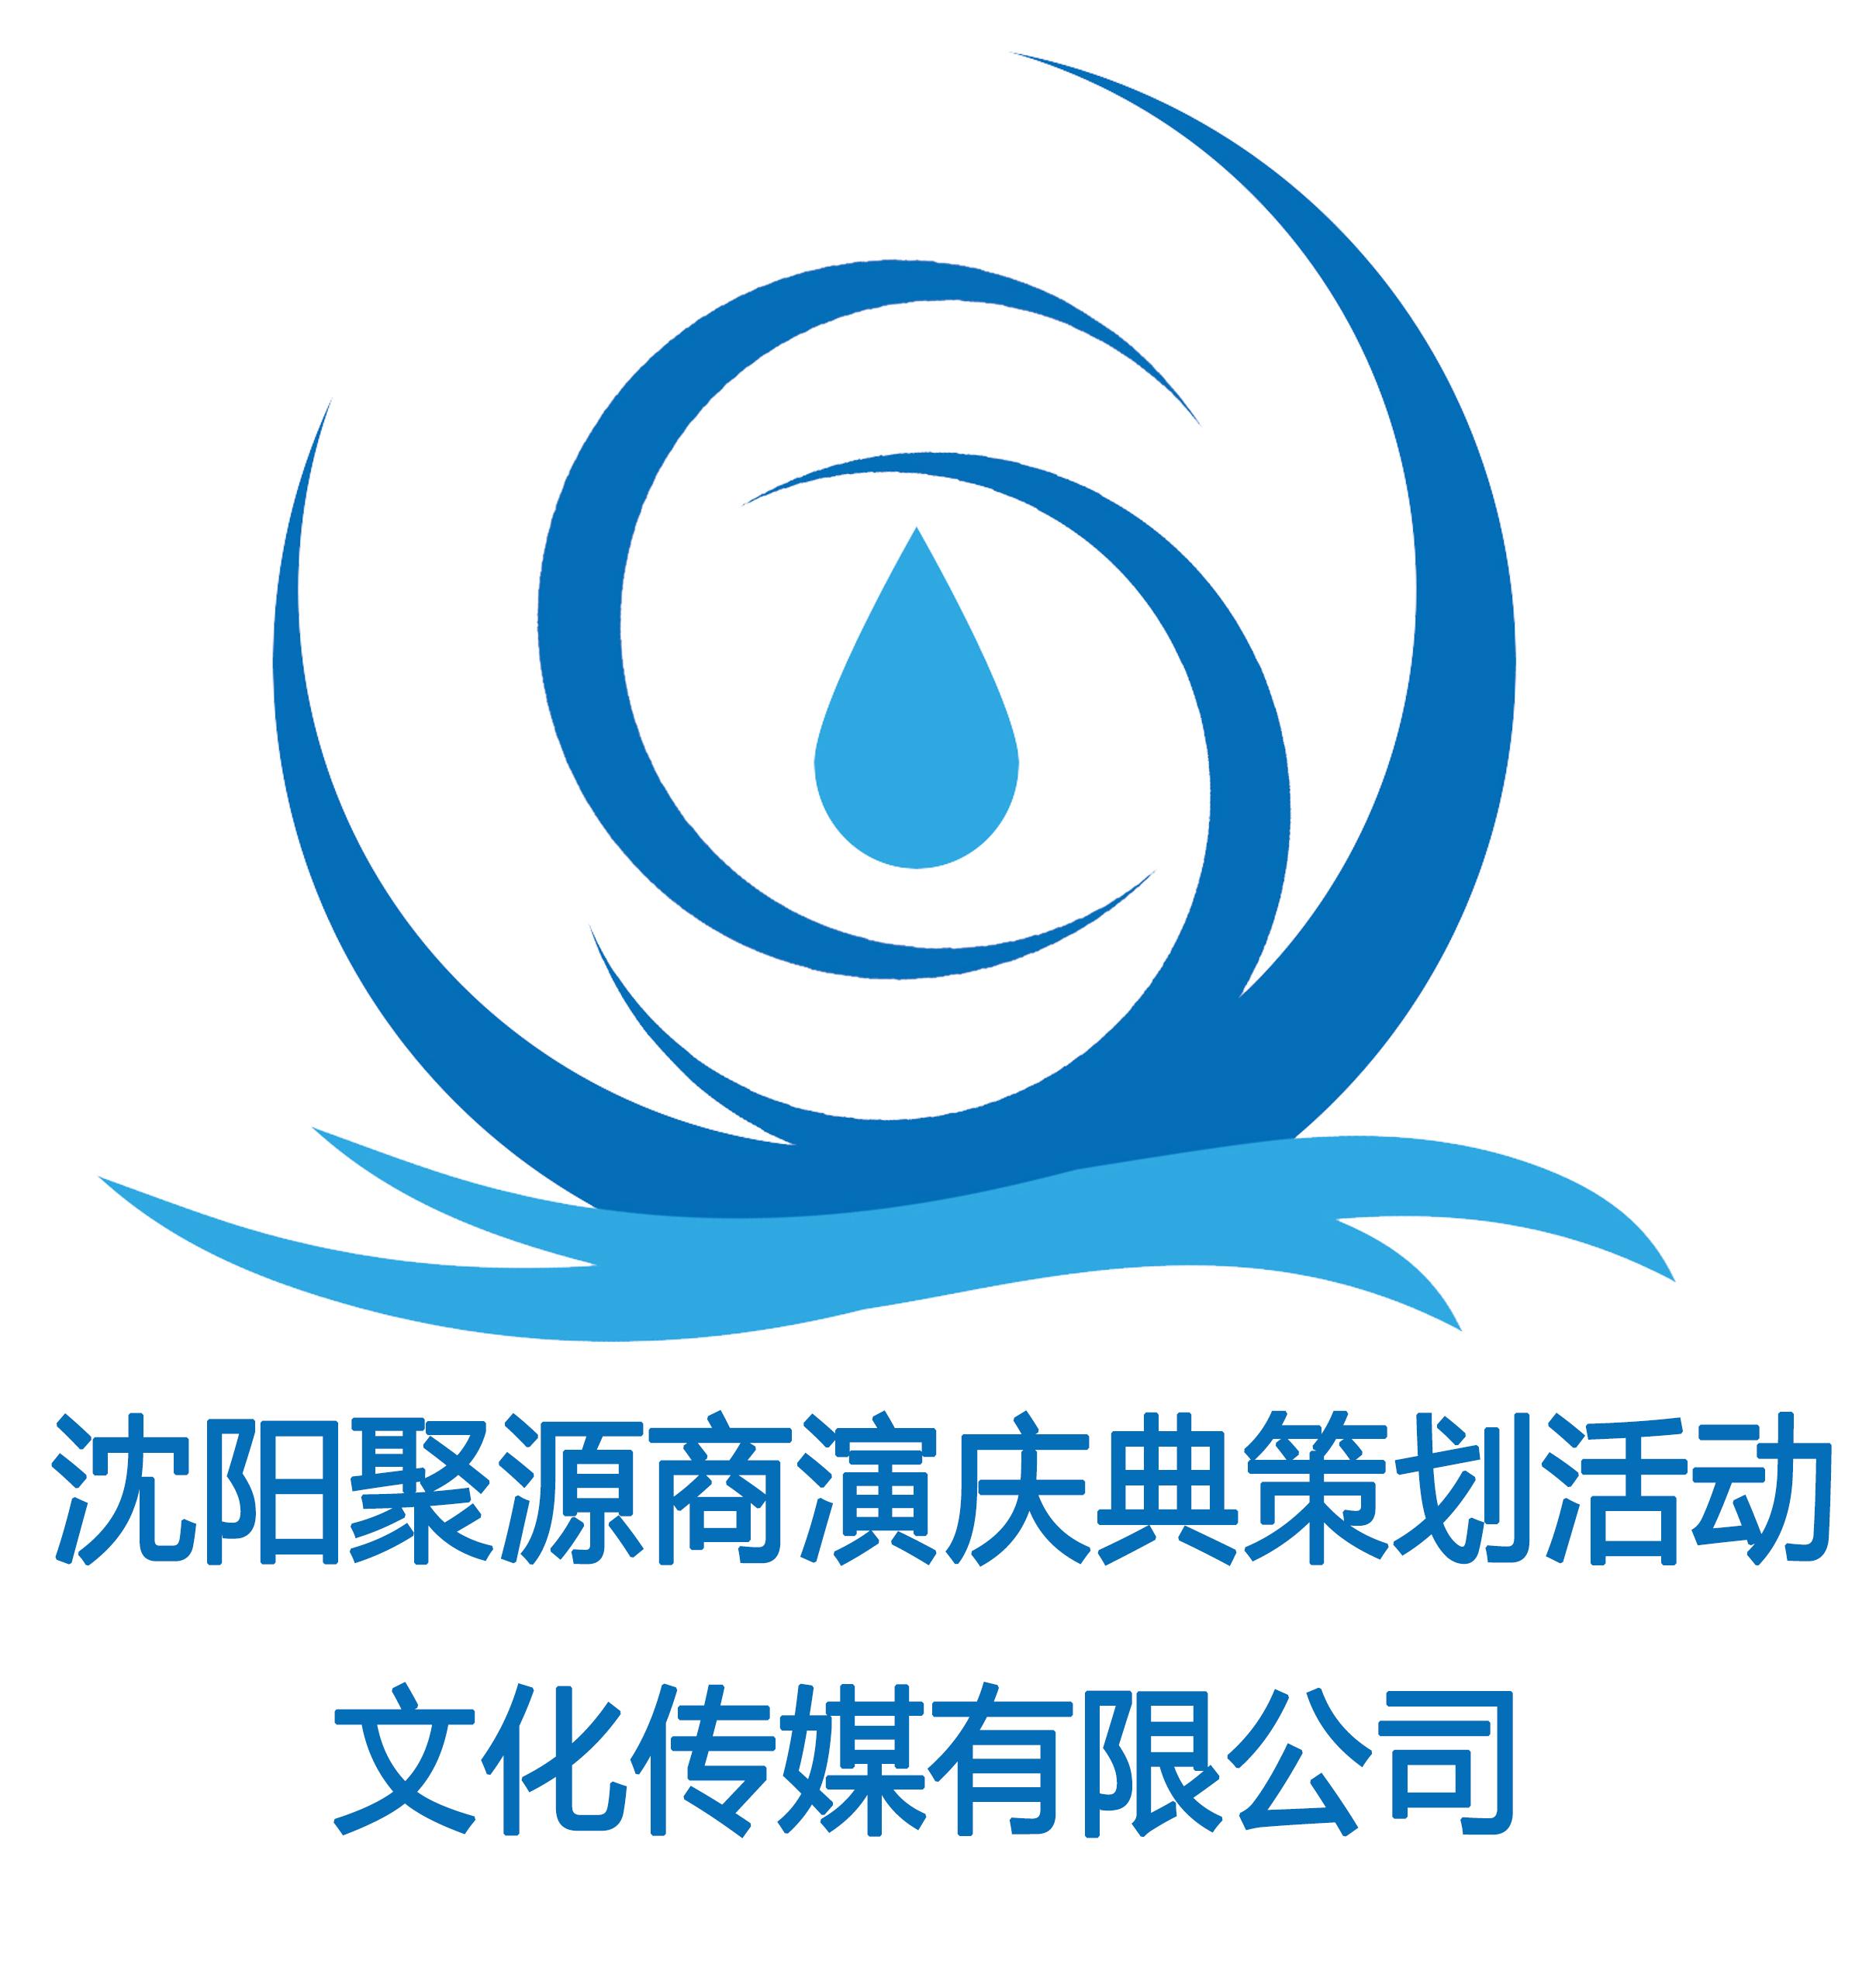 沈陽聚源商演慶典策劃活動文化傳媒有限公司